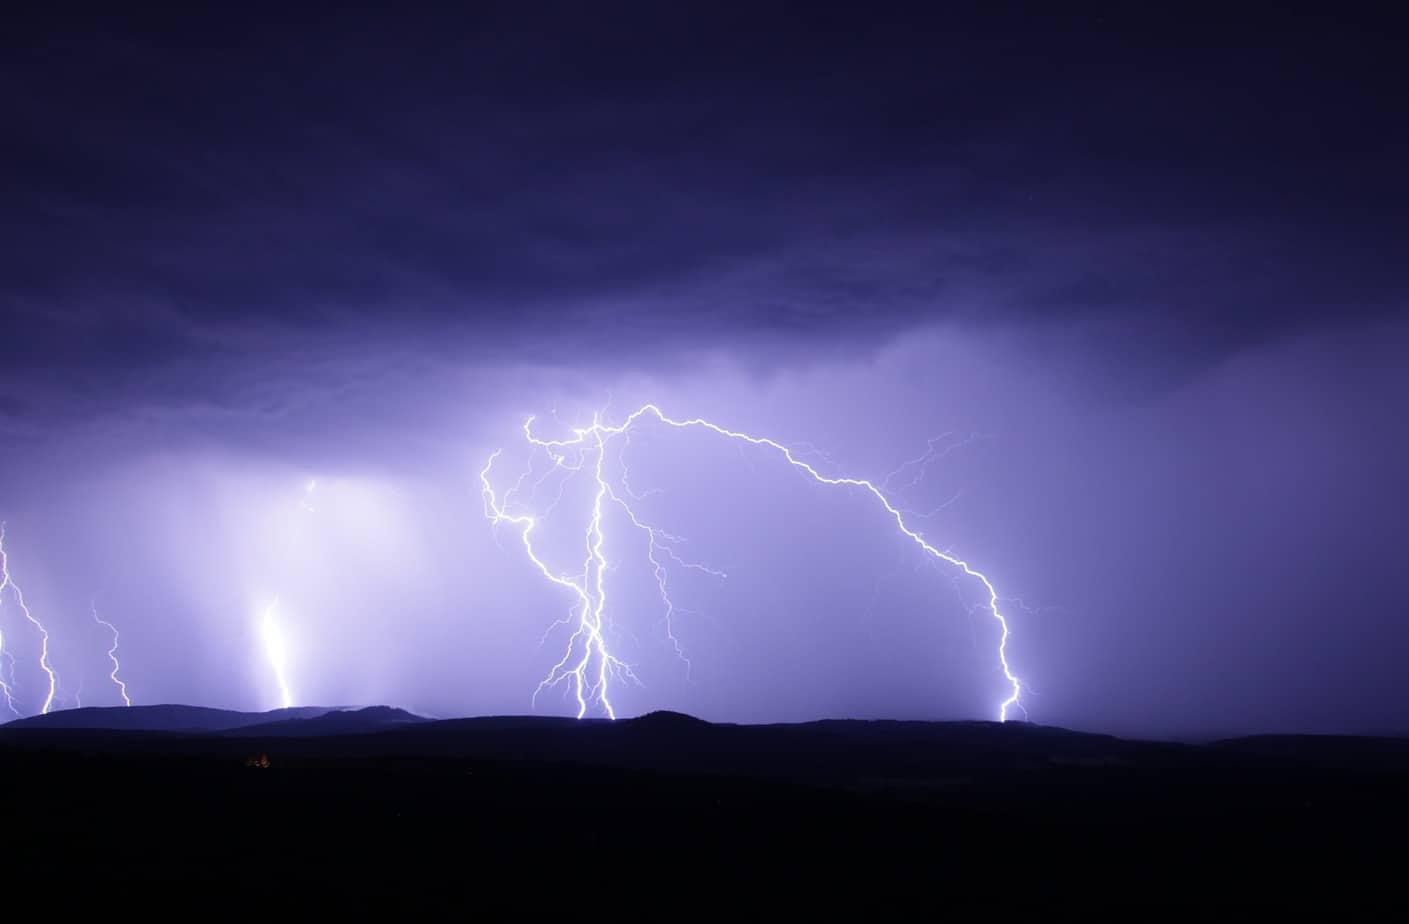 Declaran alerta temprana: tormenta eléctrica y vientos podrían llegar a 60 Km/hr